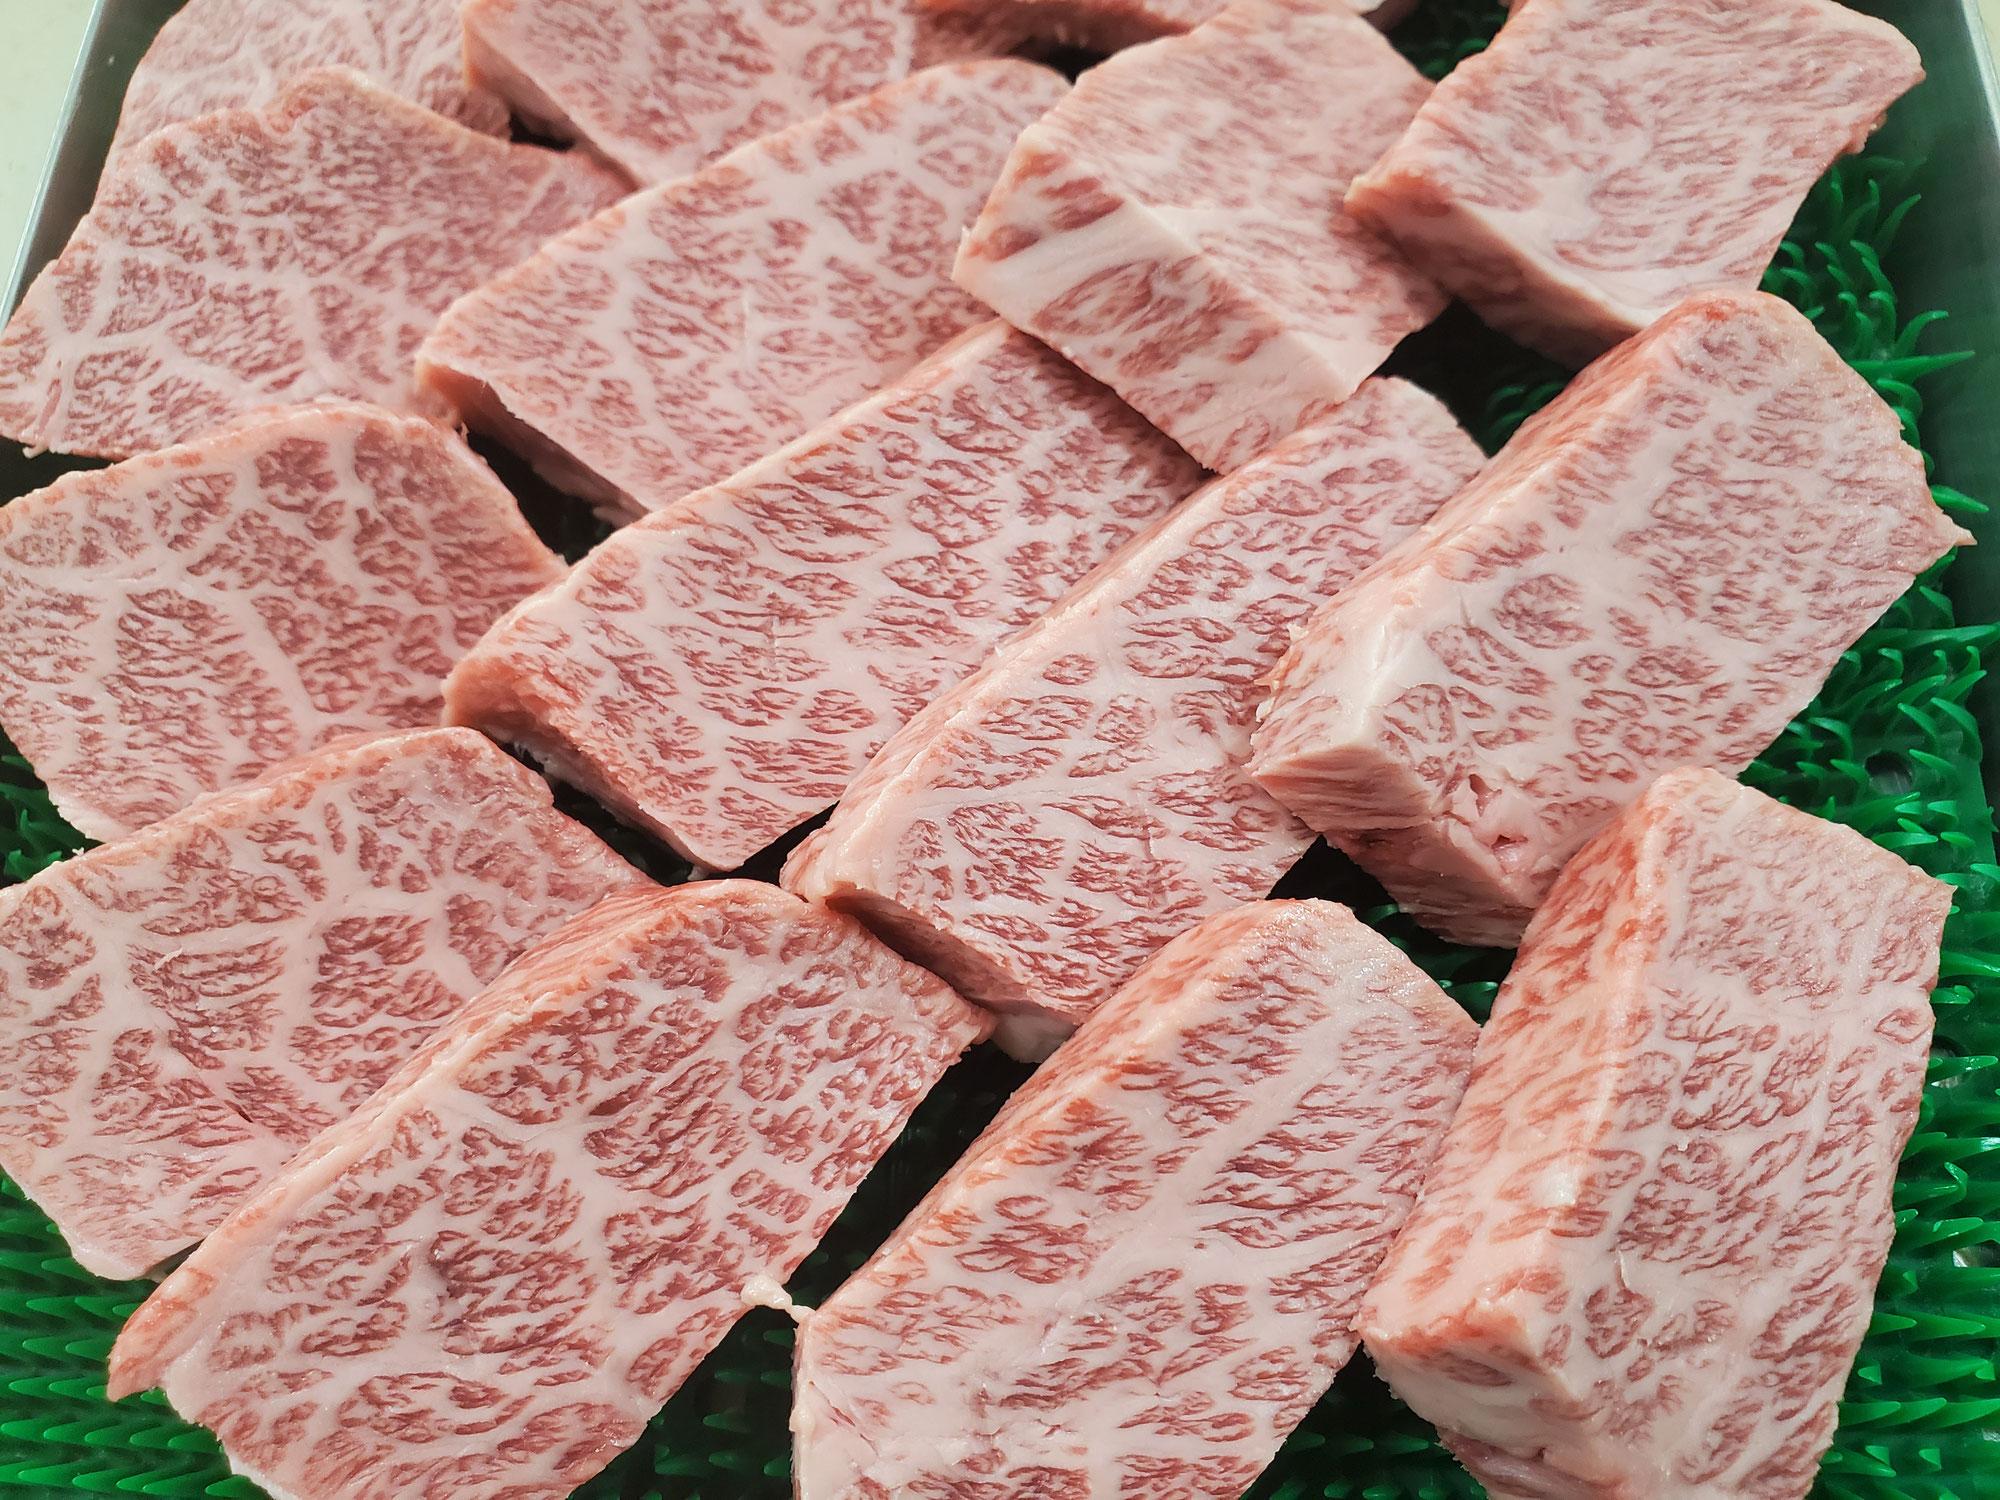 肩ロース肉羽下(別名:ザブトン)で作るサイコロステーキ